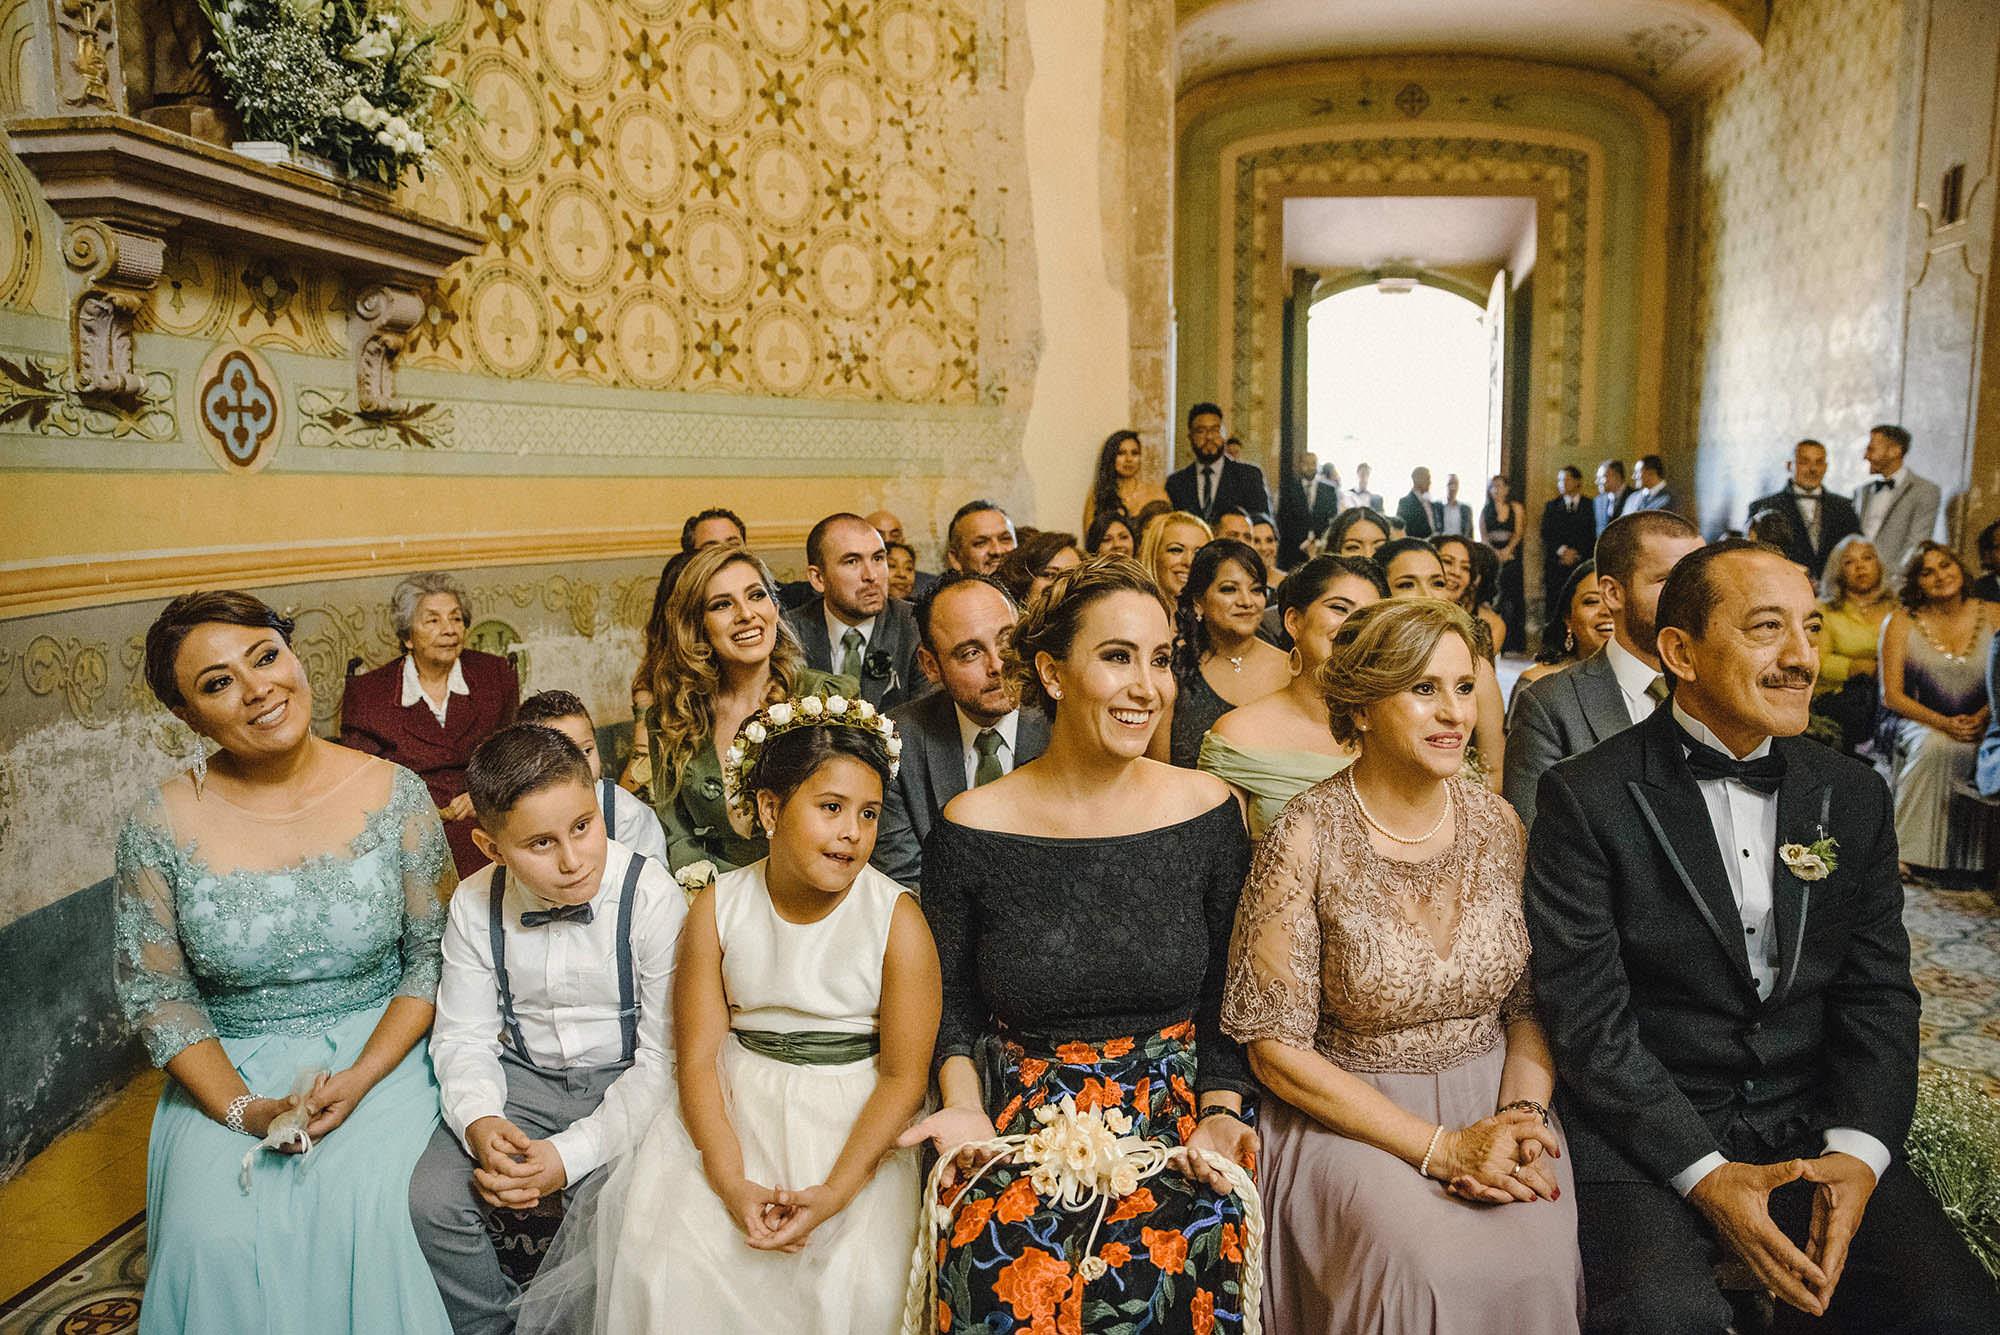 Boda Queretaro hacienda wedding planner magali espinosa fotografo 23-WEB.jpg